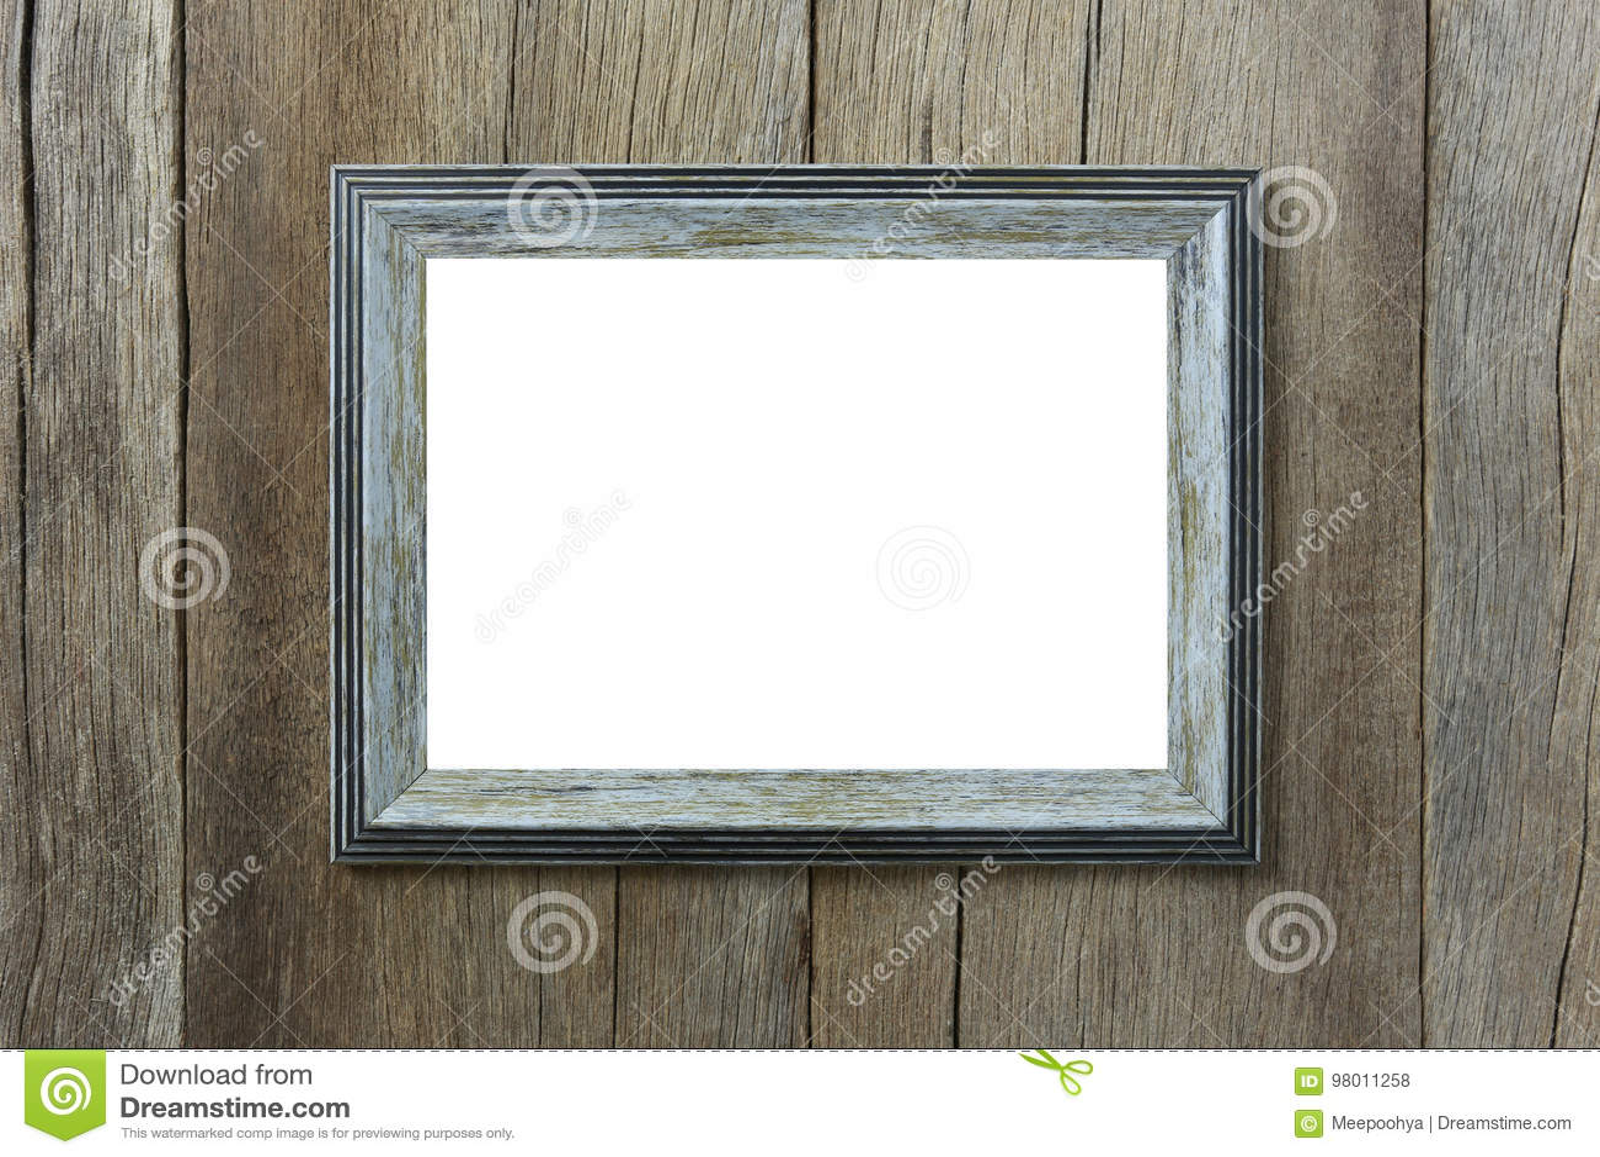 Moderner Bilderrahmen Auf Hölzerner Wand Stockfoto - Bild von bild ...